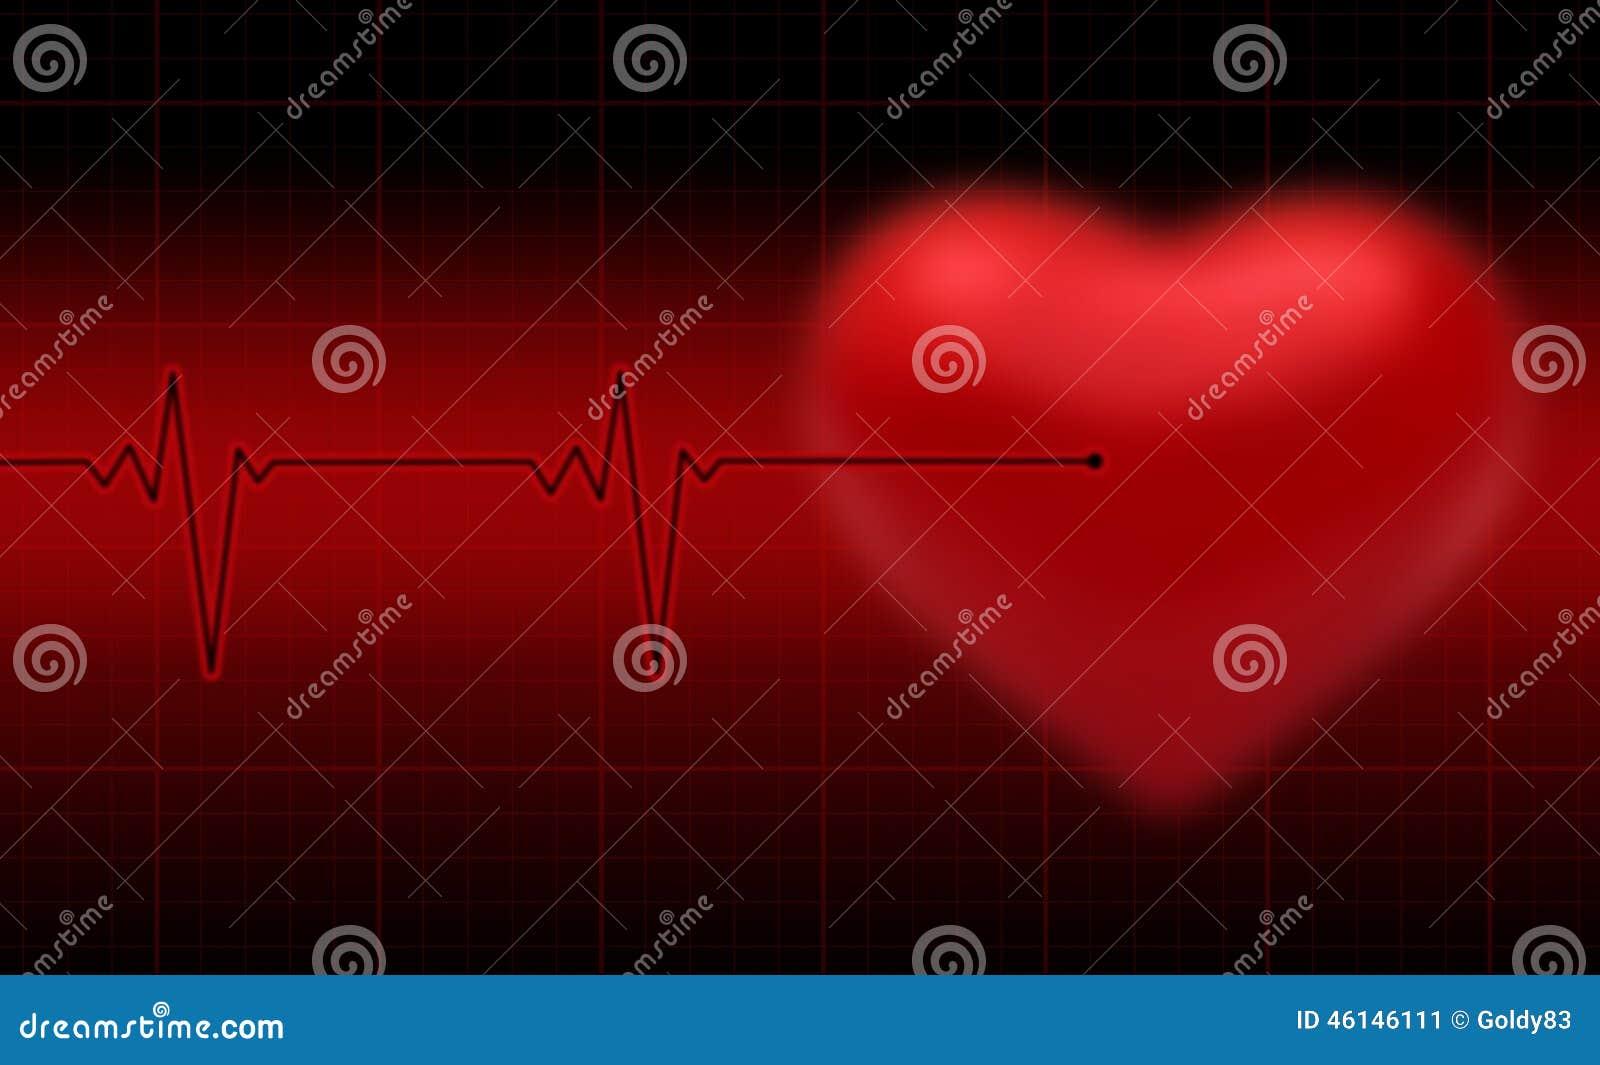 Heartbeat Desgn